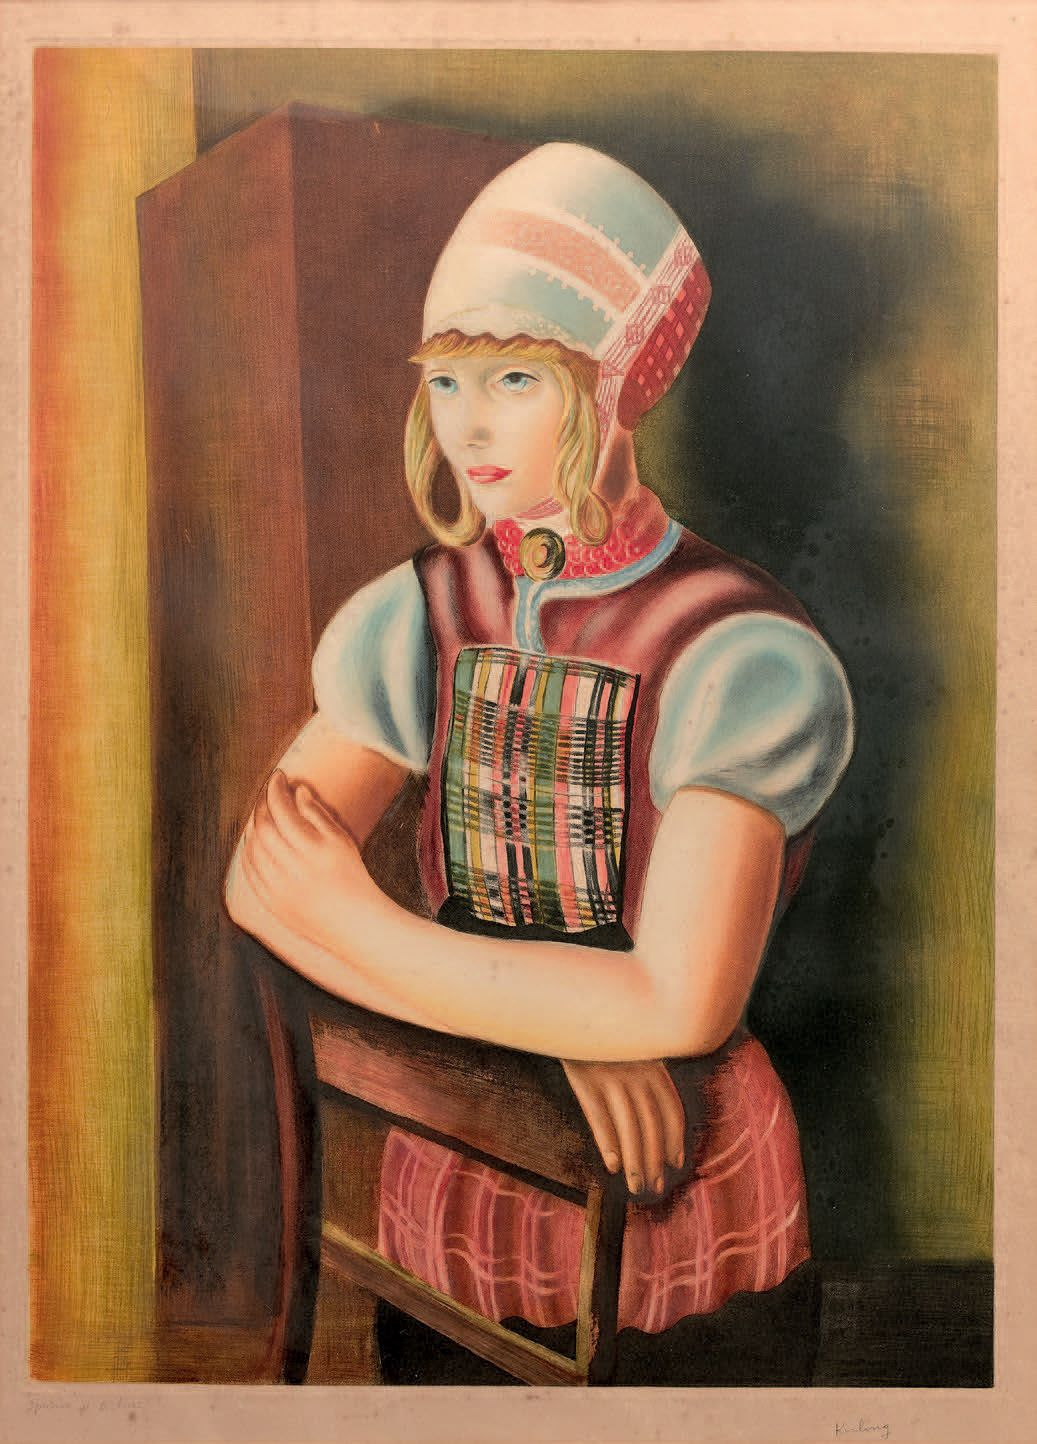 """Mojżesz Kisling (1891-1952) """"Młoda dziewczyna w stroju holenderskim"""", źródło: Jean-Marc Delvaux S.A.R.L."""